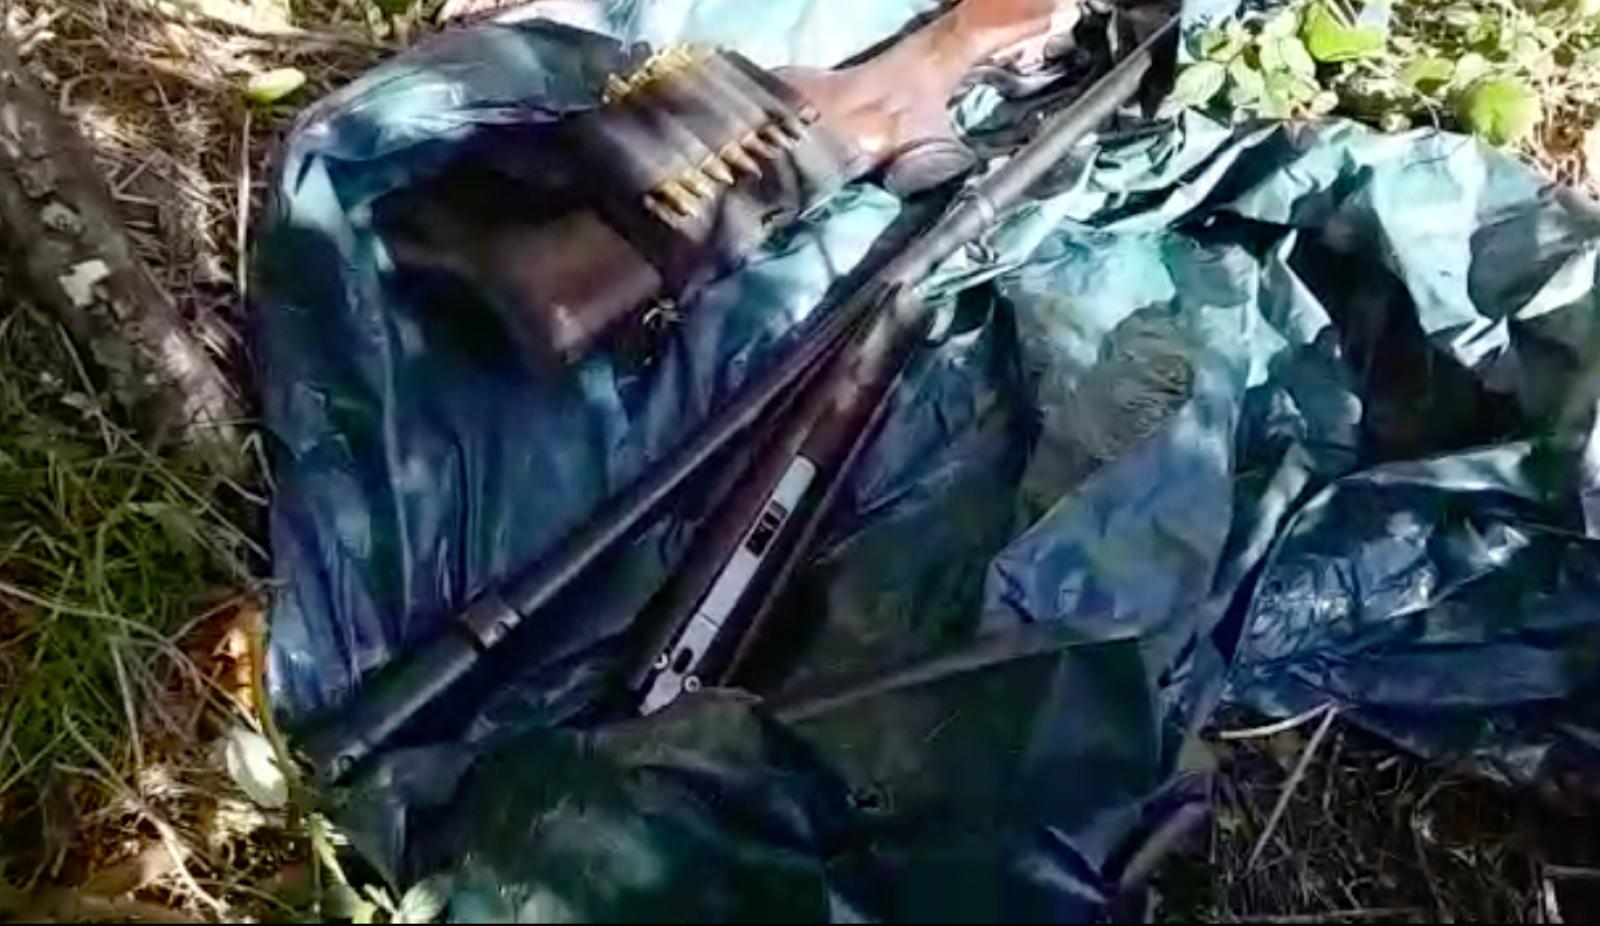 Arma amb silenciadors dels caçadors furtius del Pirineu català